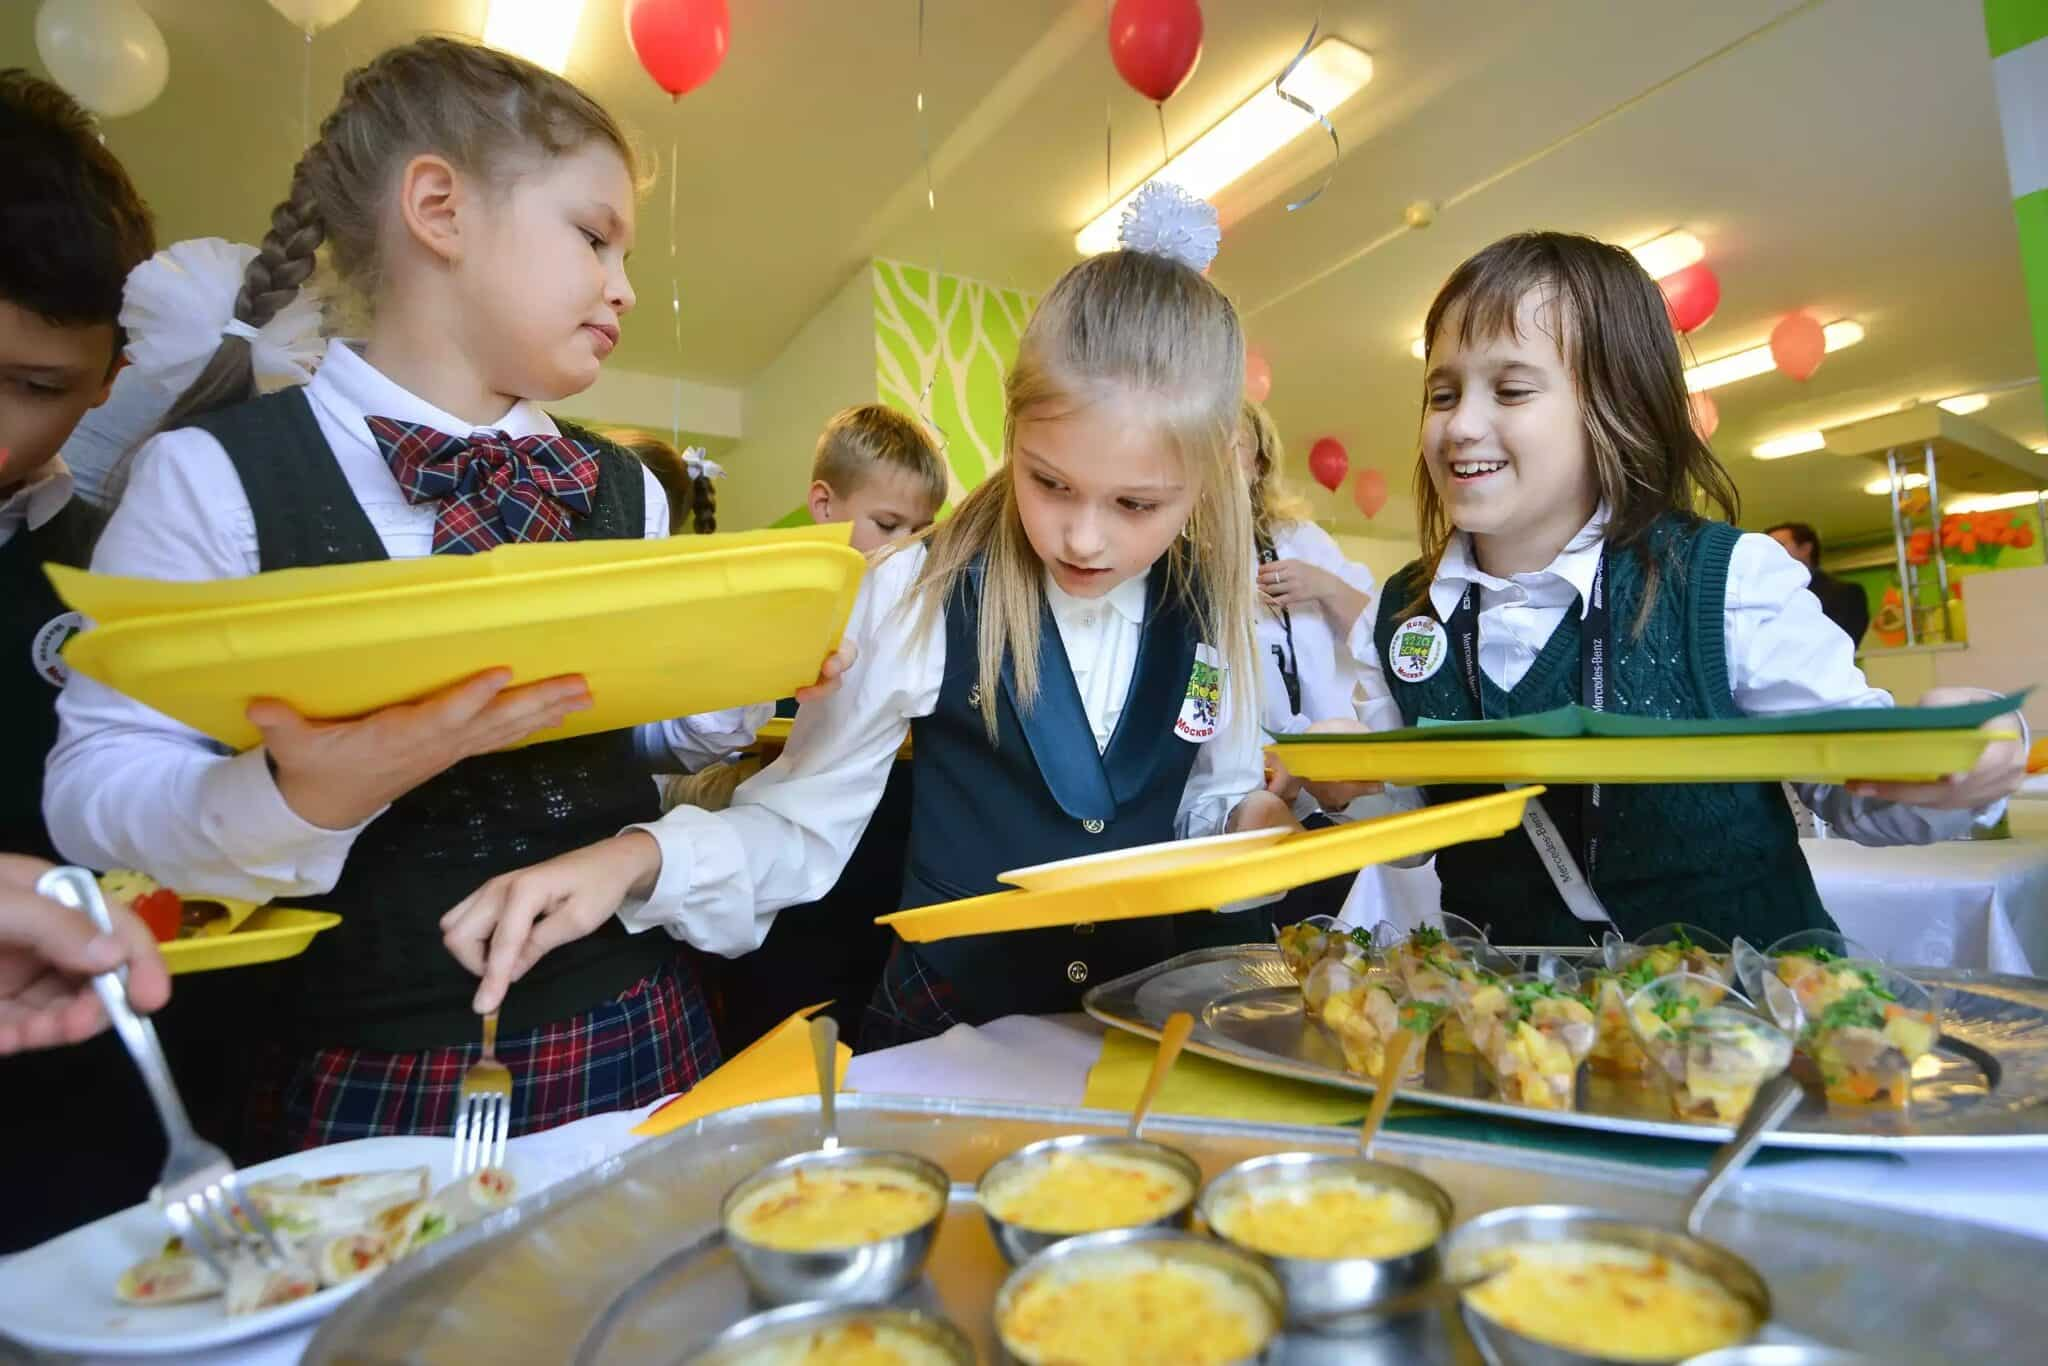 Должны ли дети питаться в обязательном порядке в школе